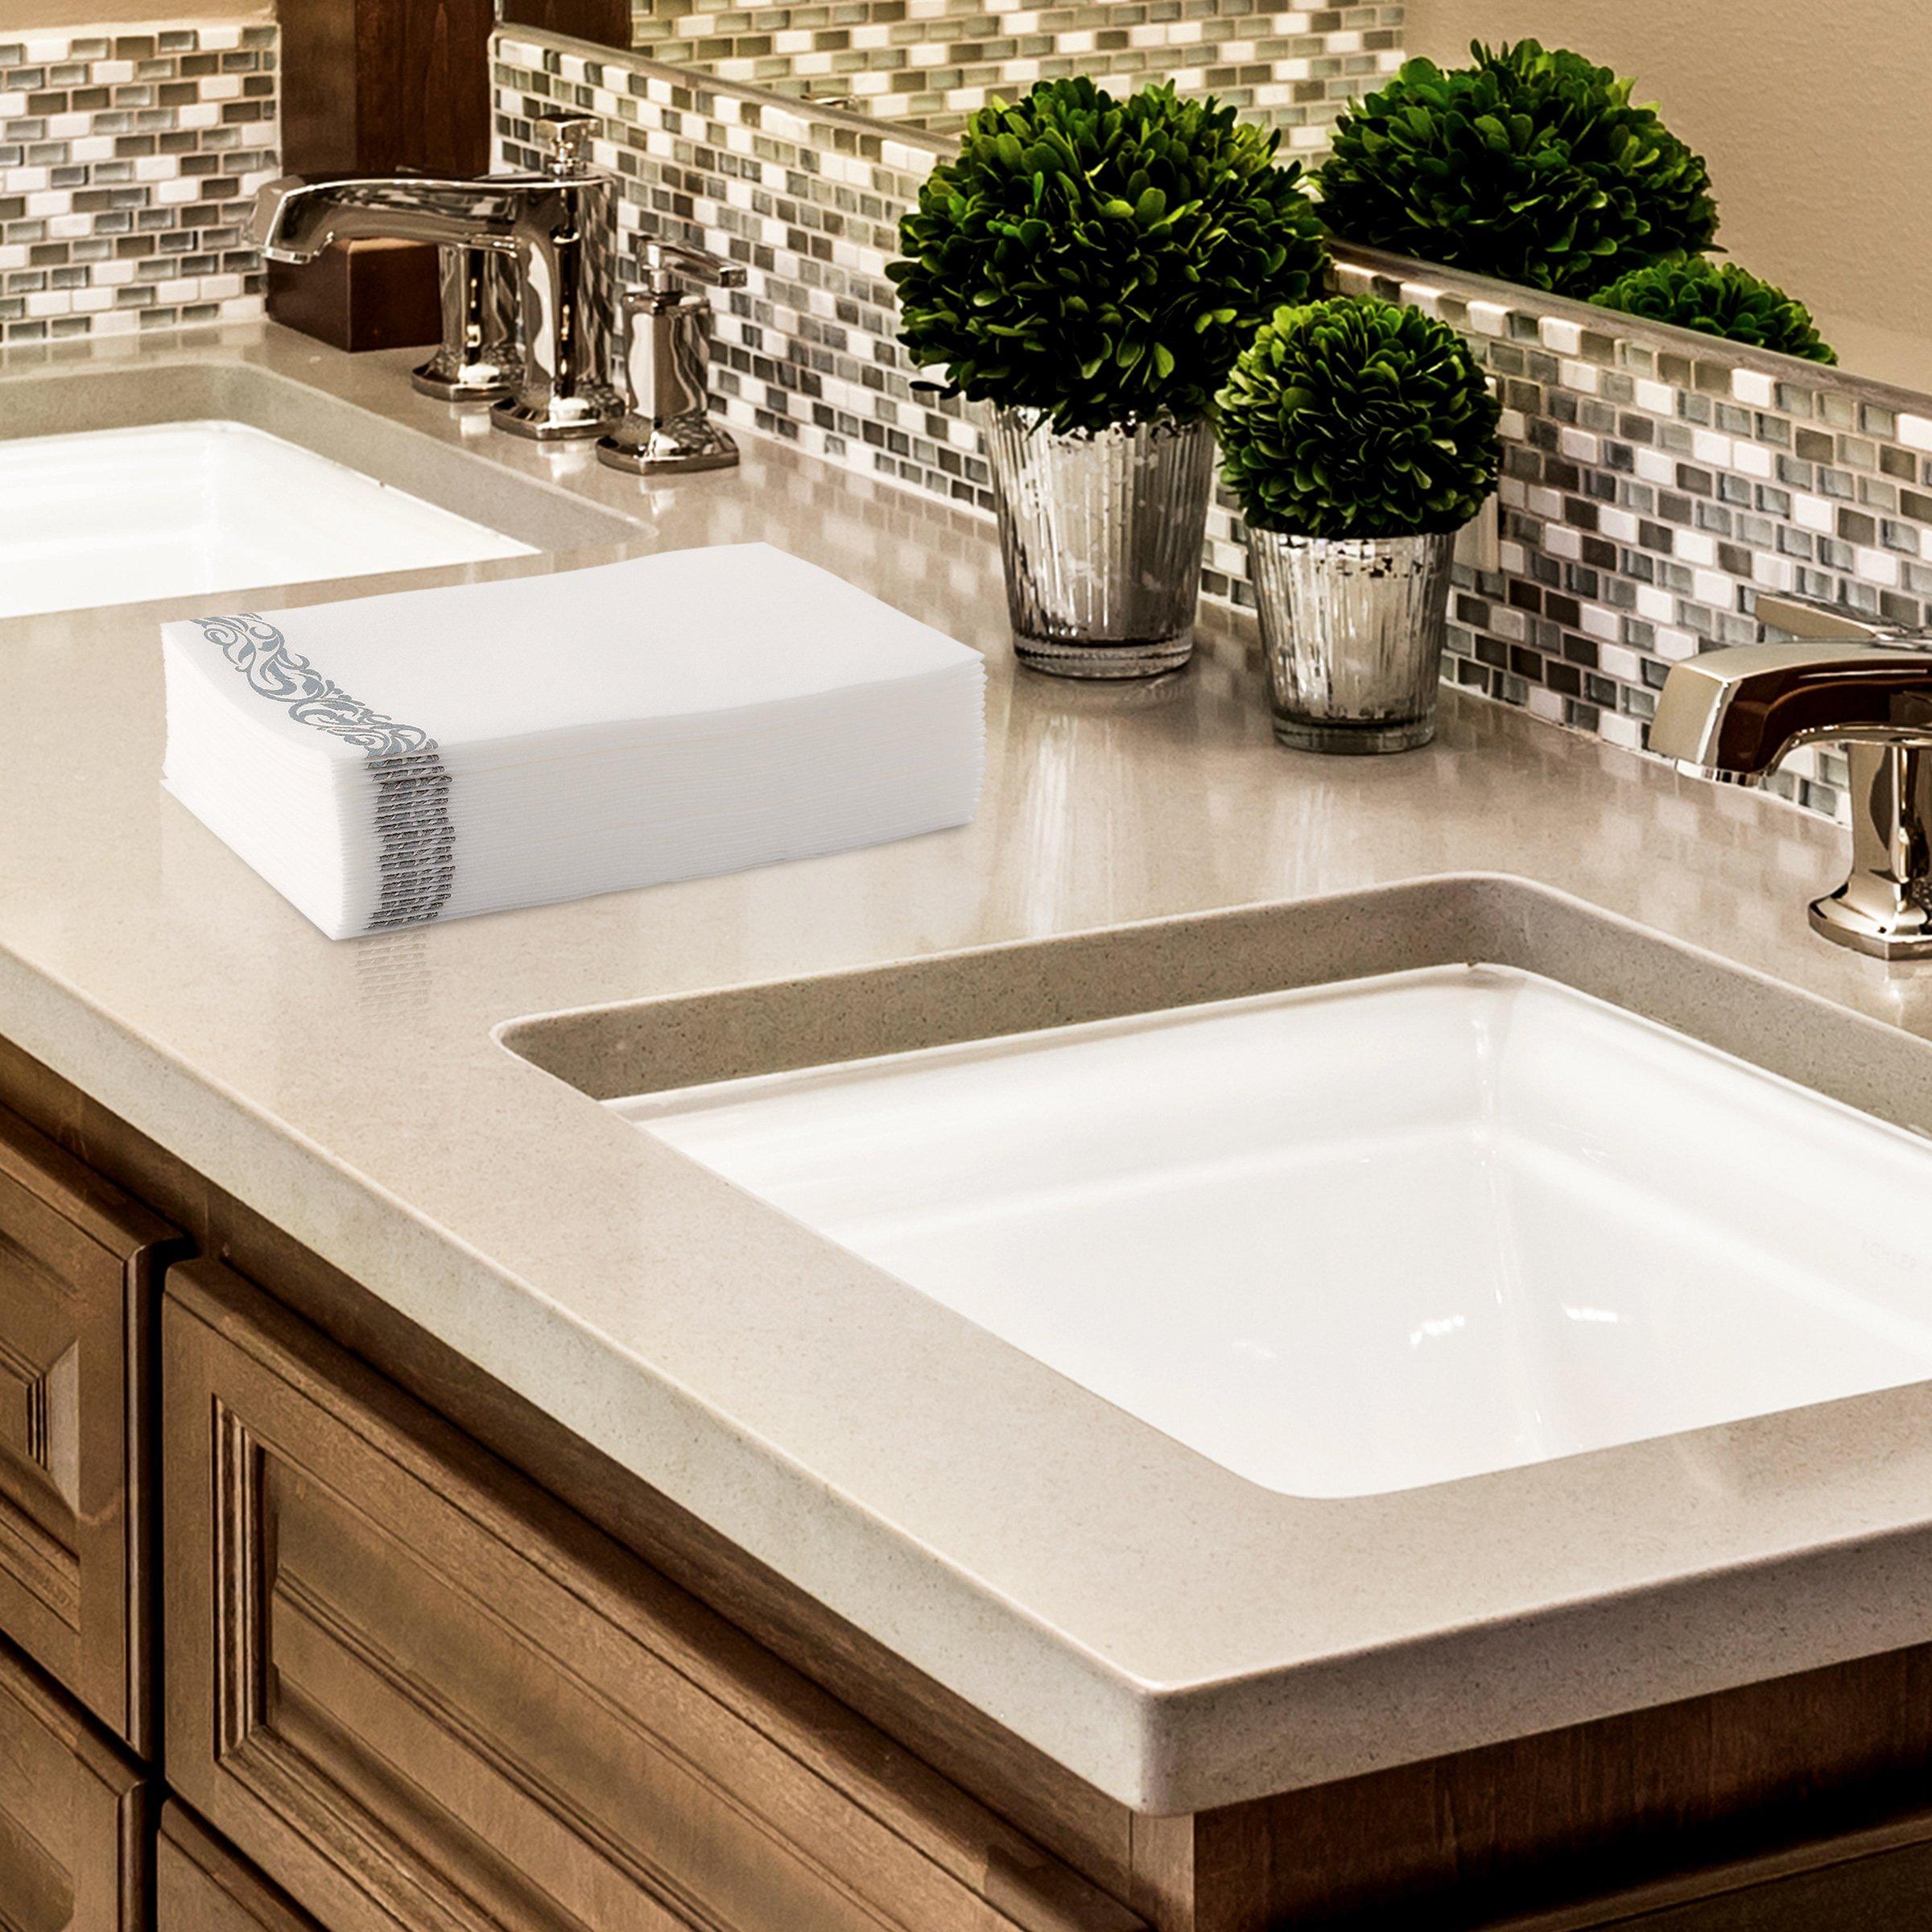 100pcs guest bathroom hand towels soft paper napkins hq - Disposable guest towels for bathroom ...